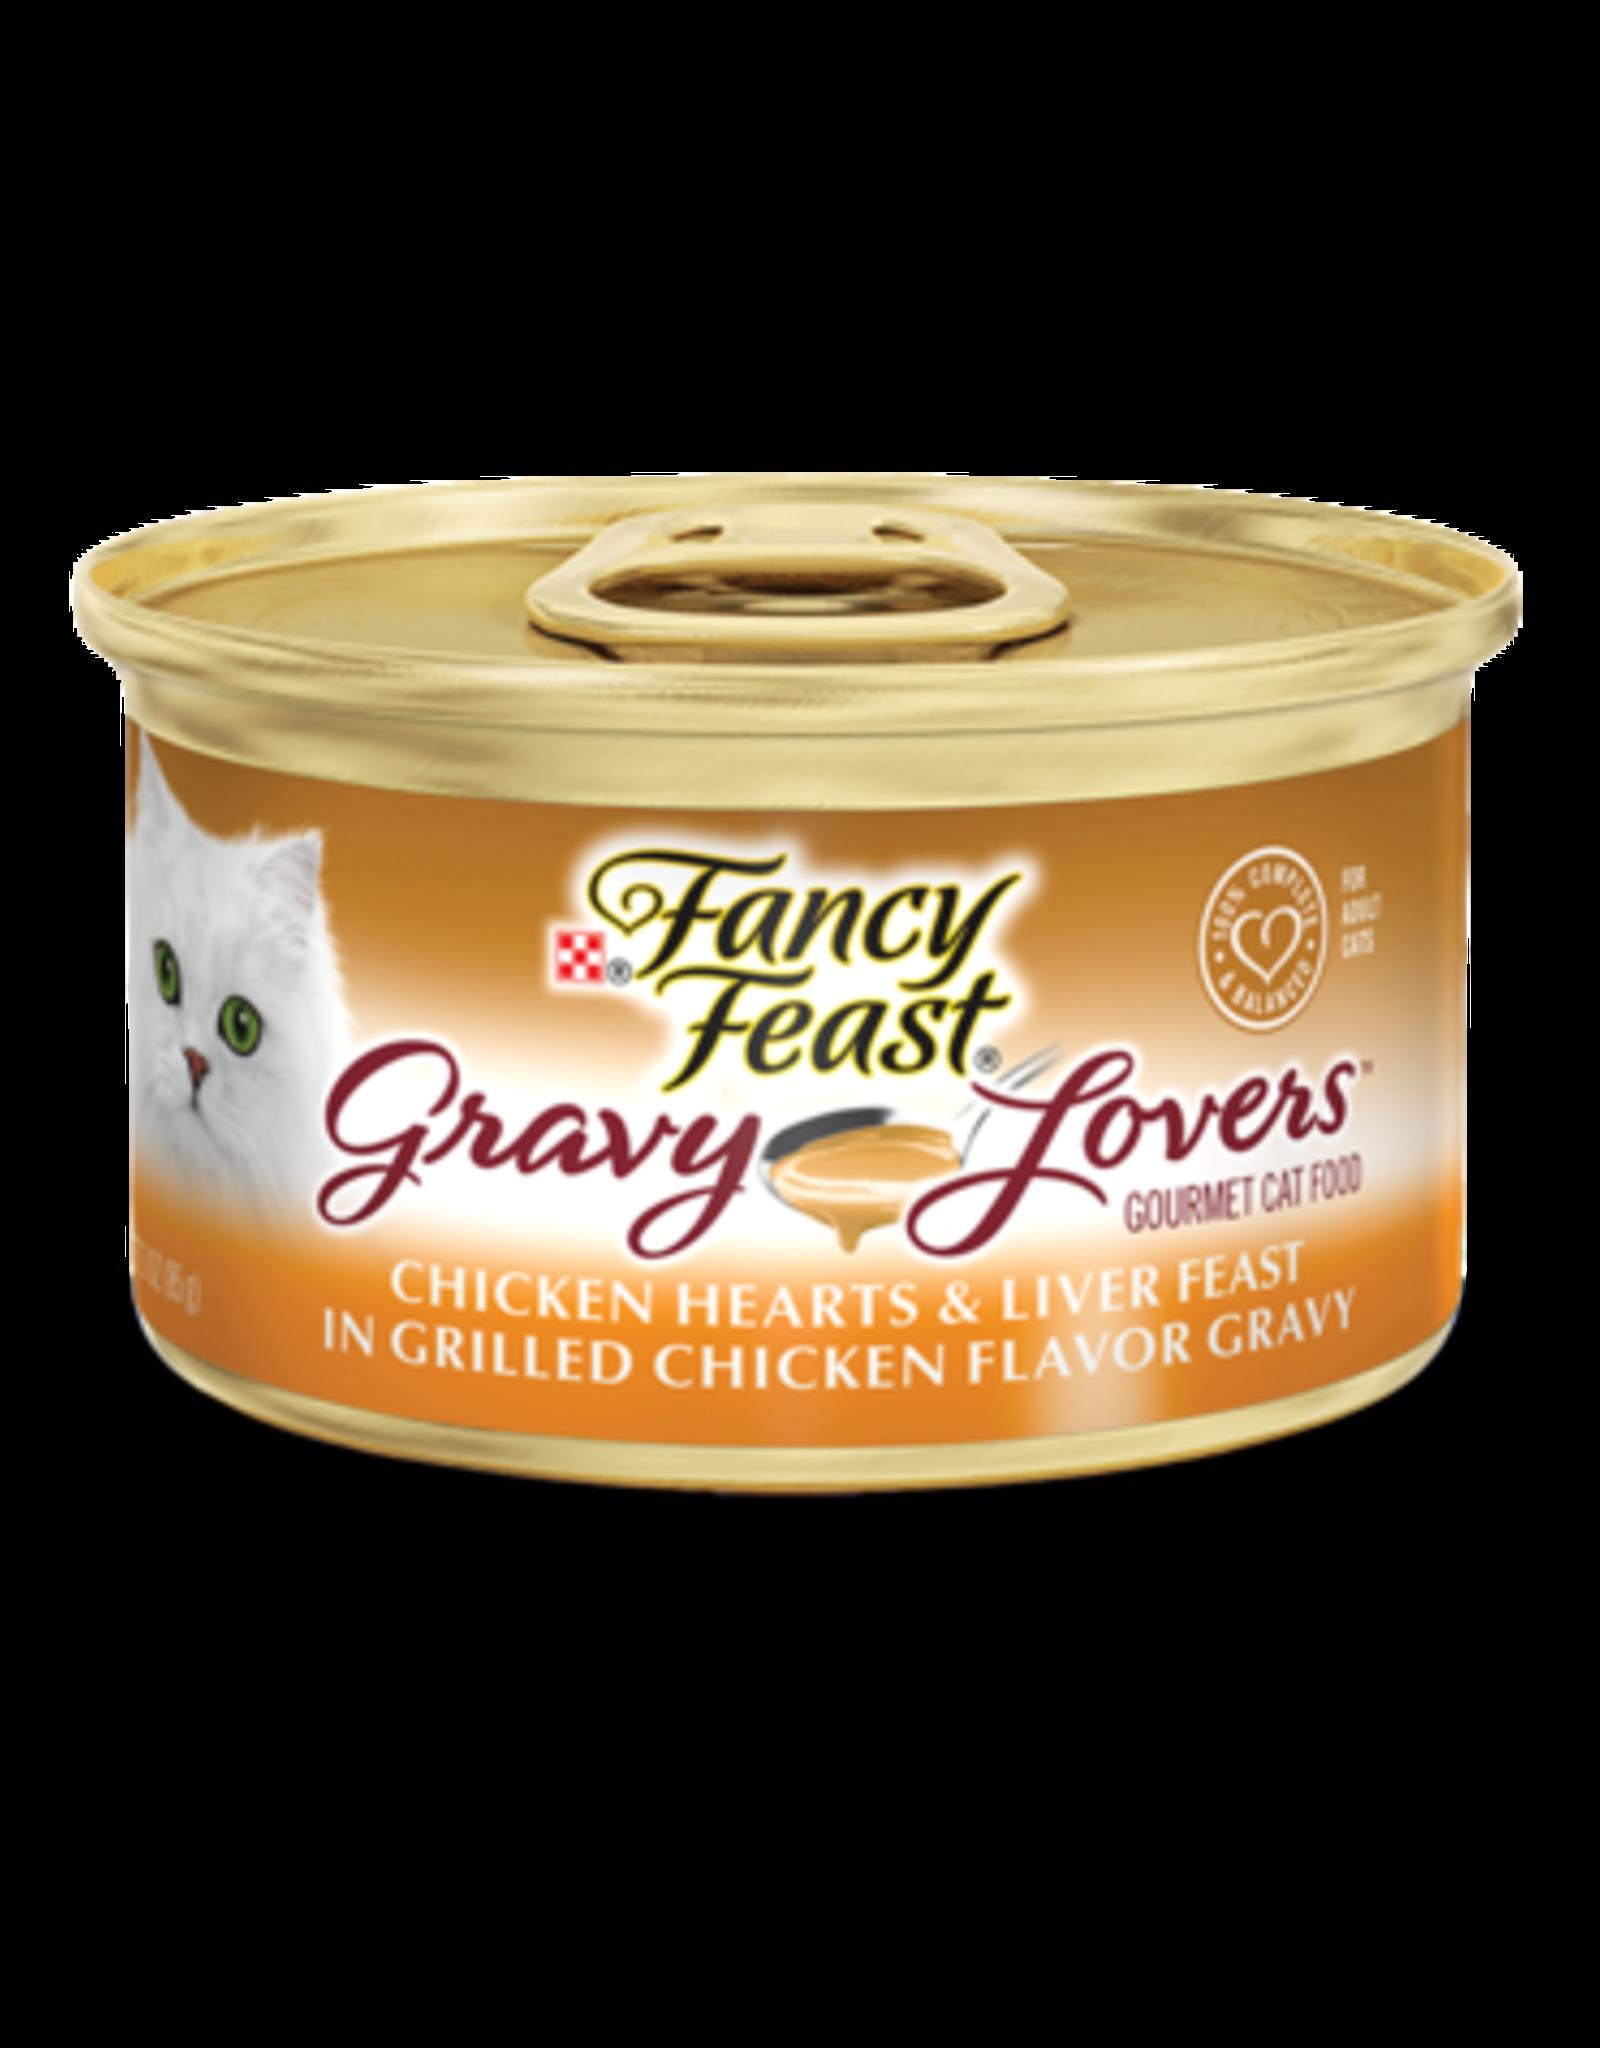 FANCY FEAST GRAVY LOVERS CHICKEN HEARTS/LIVERS 3OZ CASE OF 24